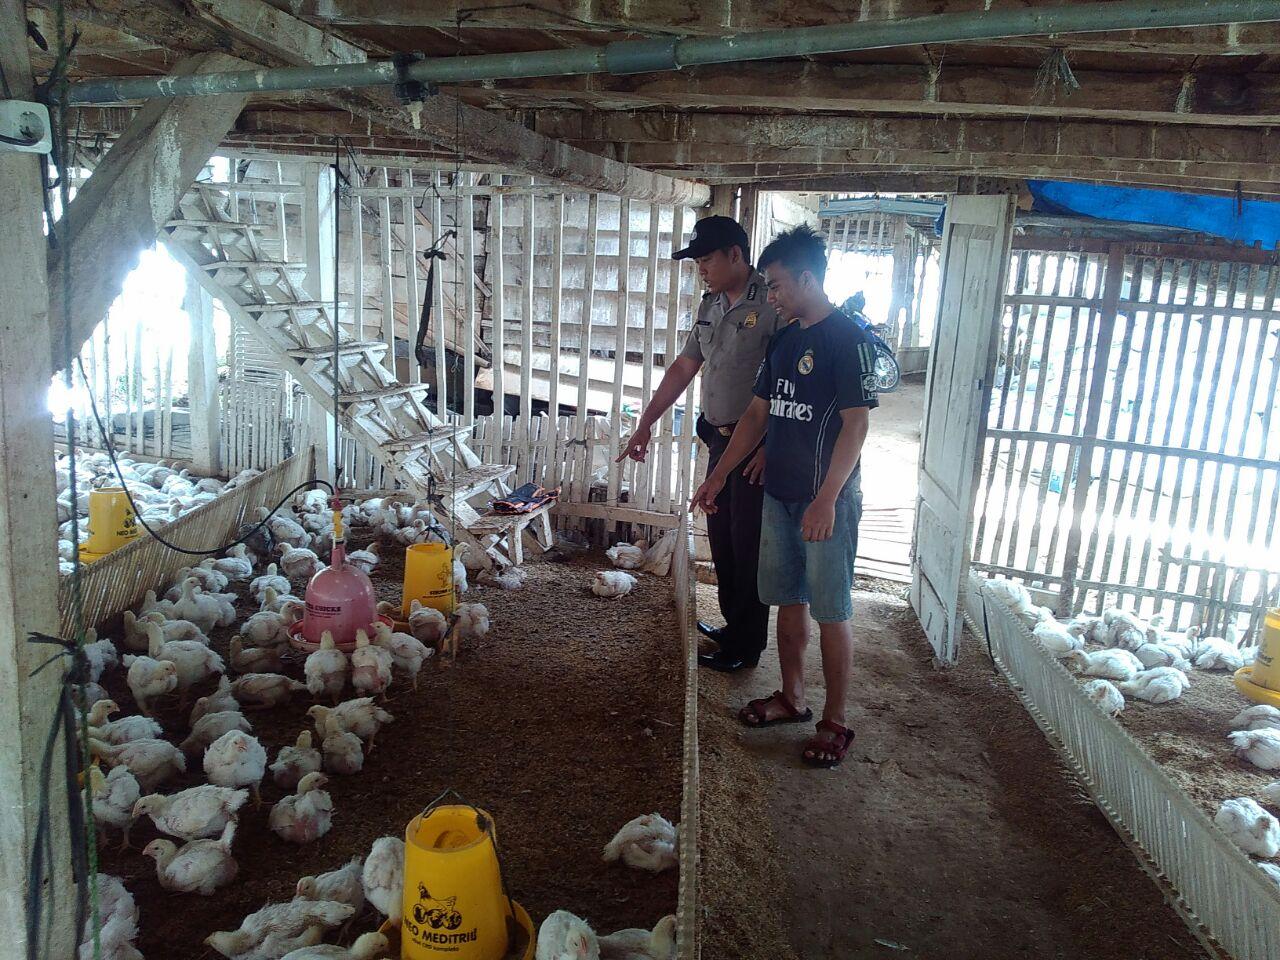 Patroli Sambang Peternak Ayam,  Anggota Bhabin Polsek Batu Polres Batu, Agar Masyarakat Tetap Aman Dan Nyaman